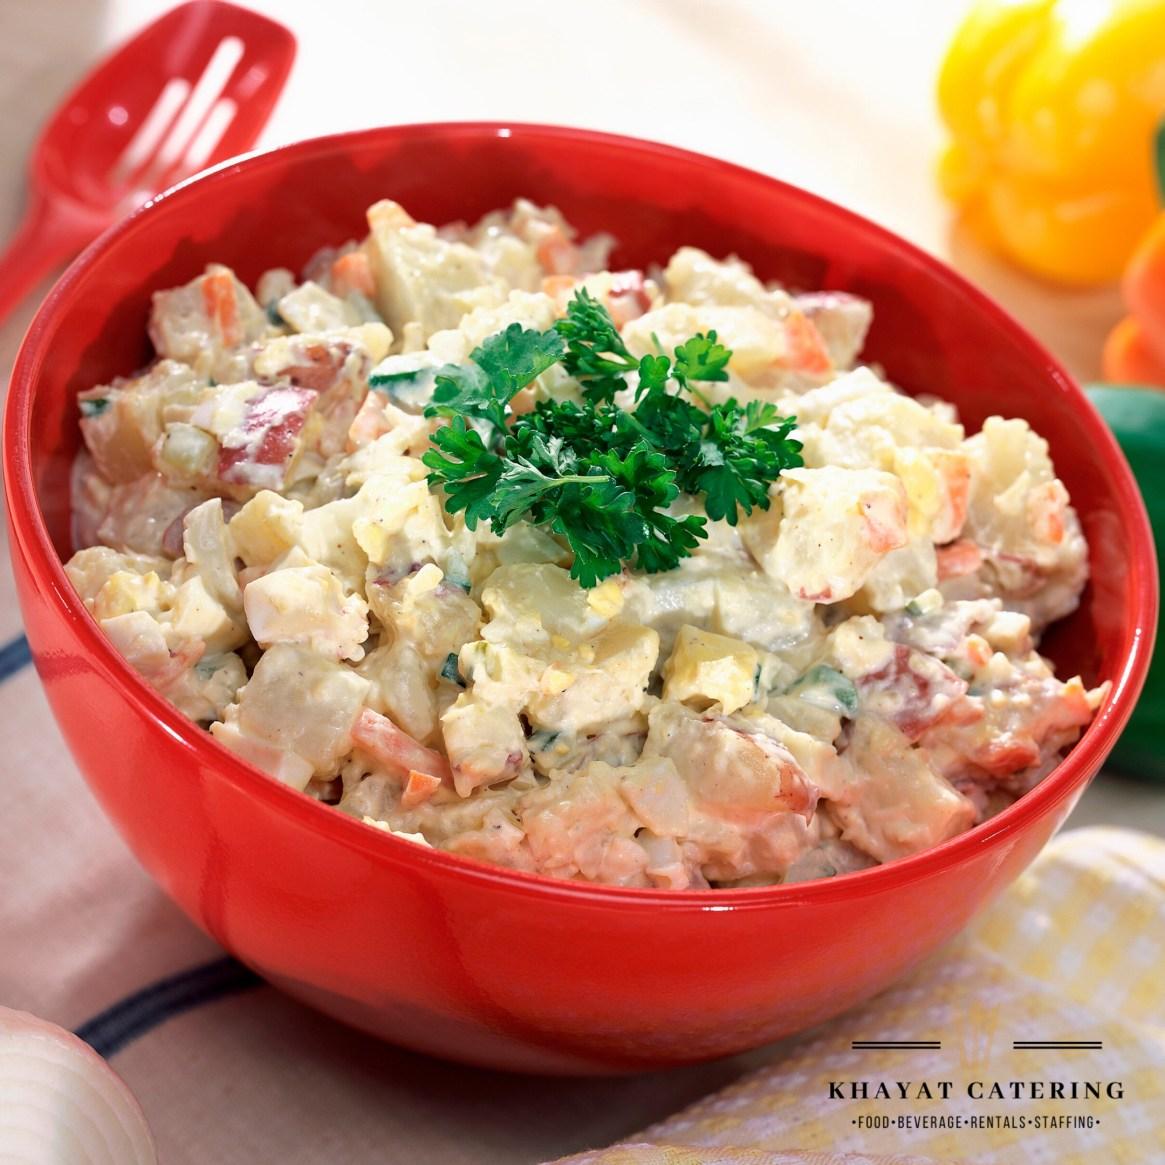 Khayat Catering potato salad